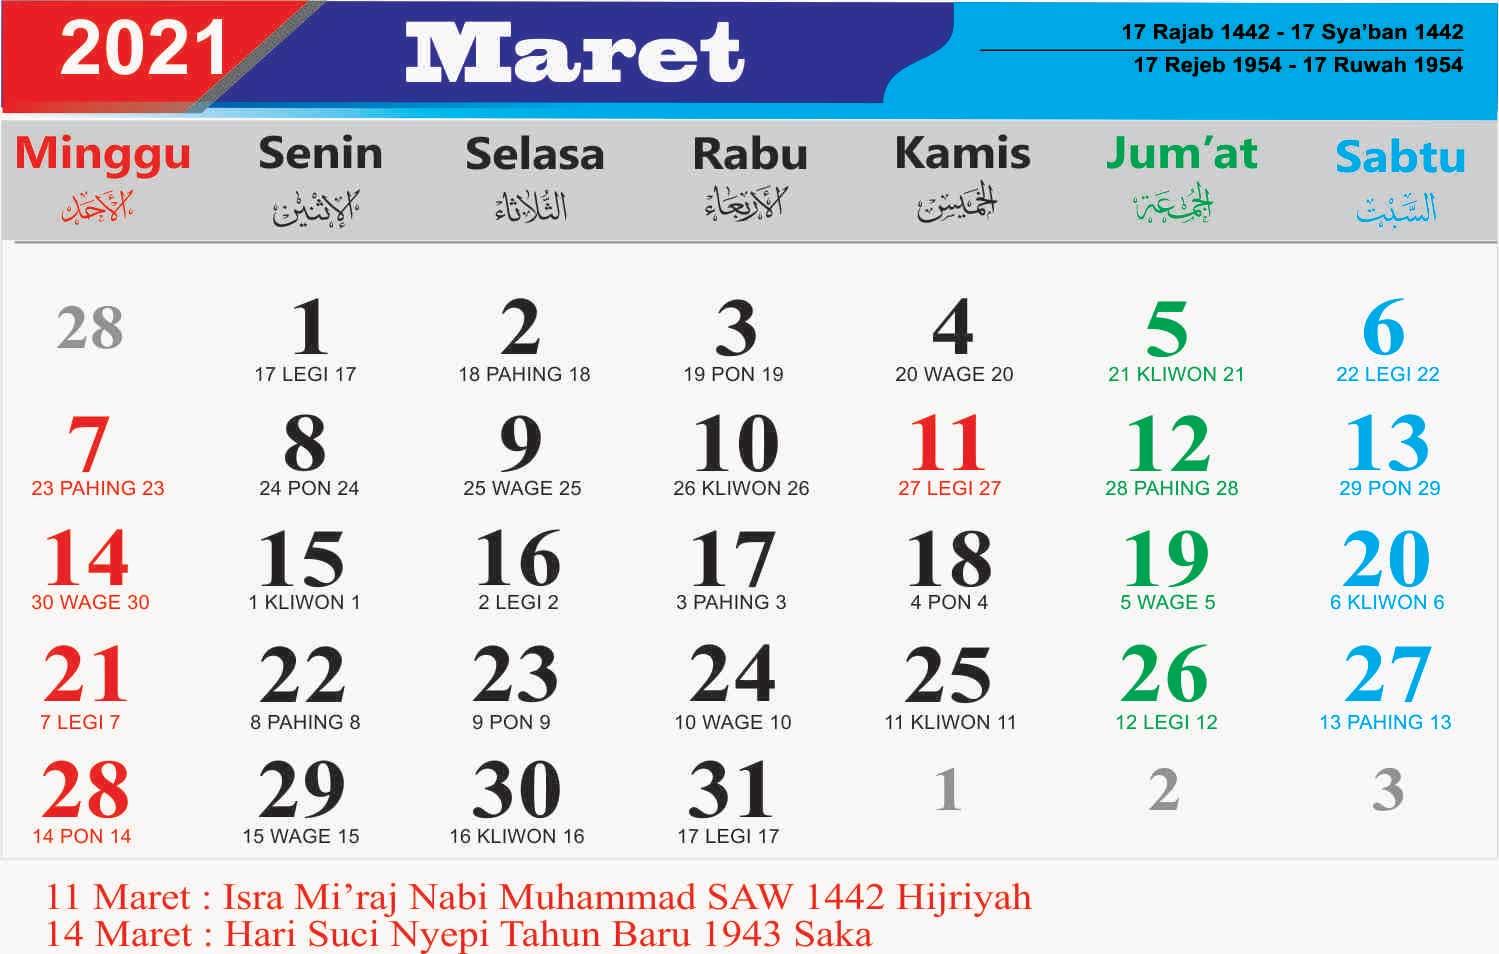 Kalender 2021 Lengkap Jawa Pdf